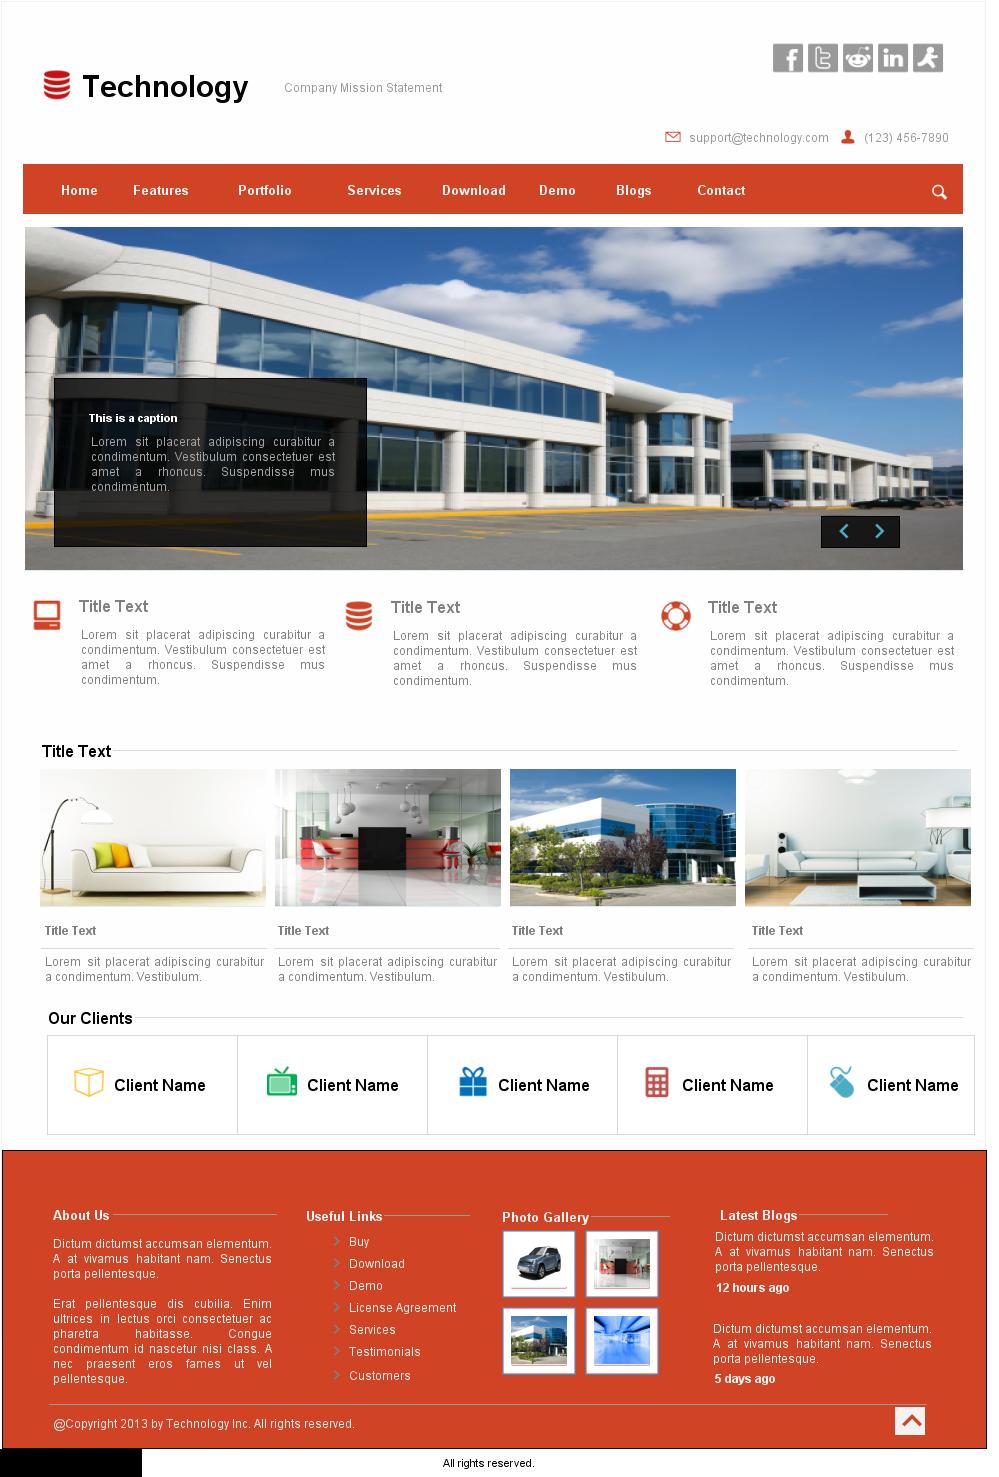 DesignerVista GUI Mockup Tool Screenshot 8